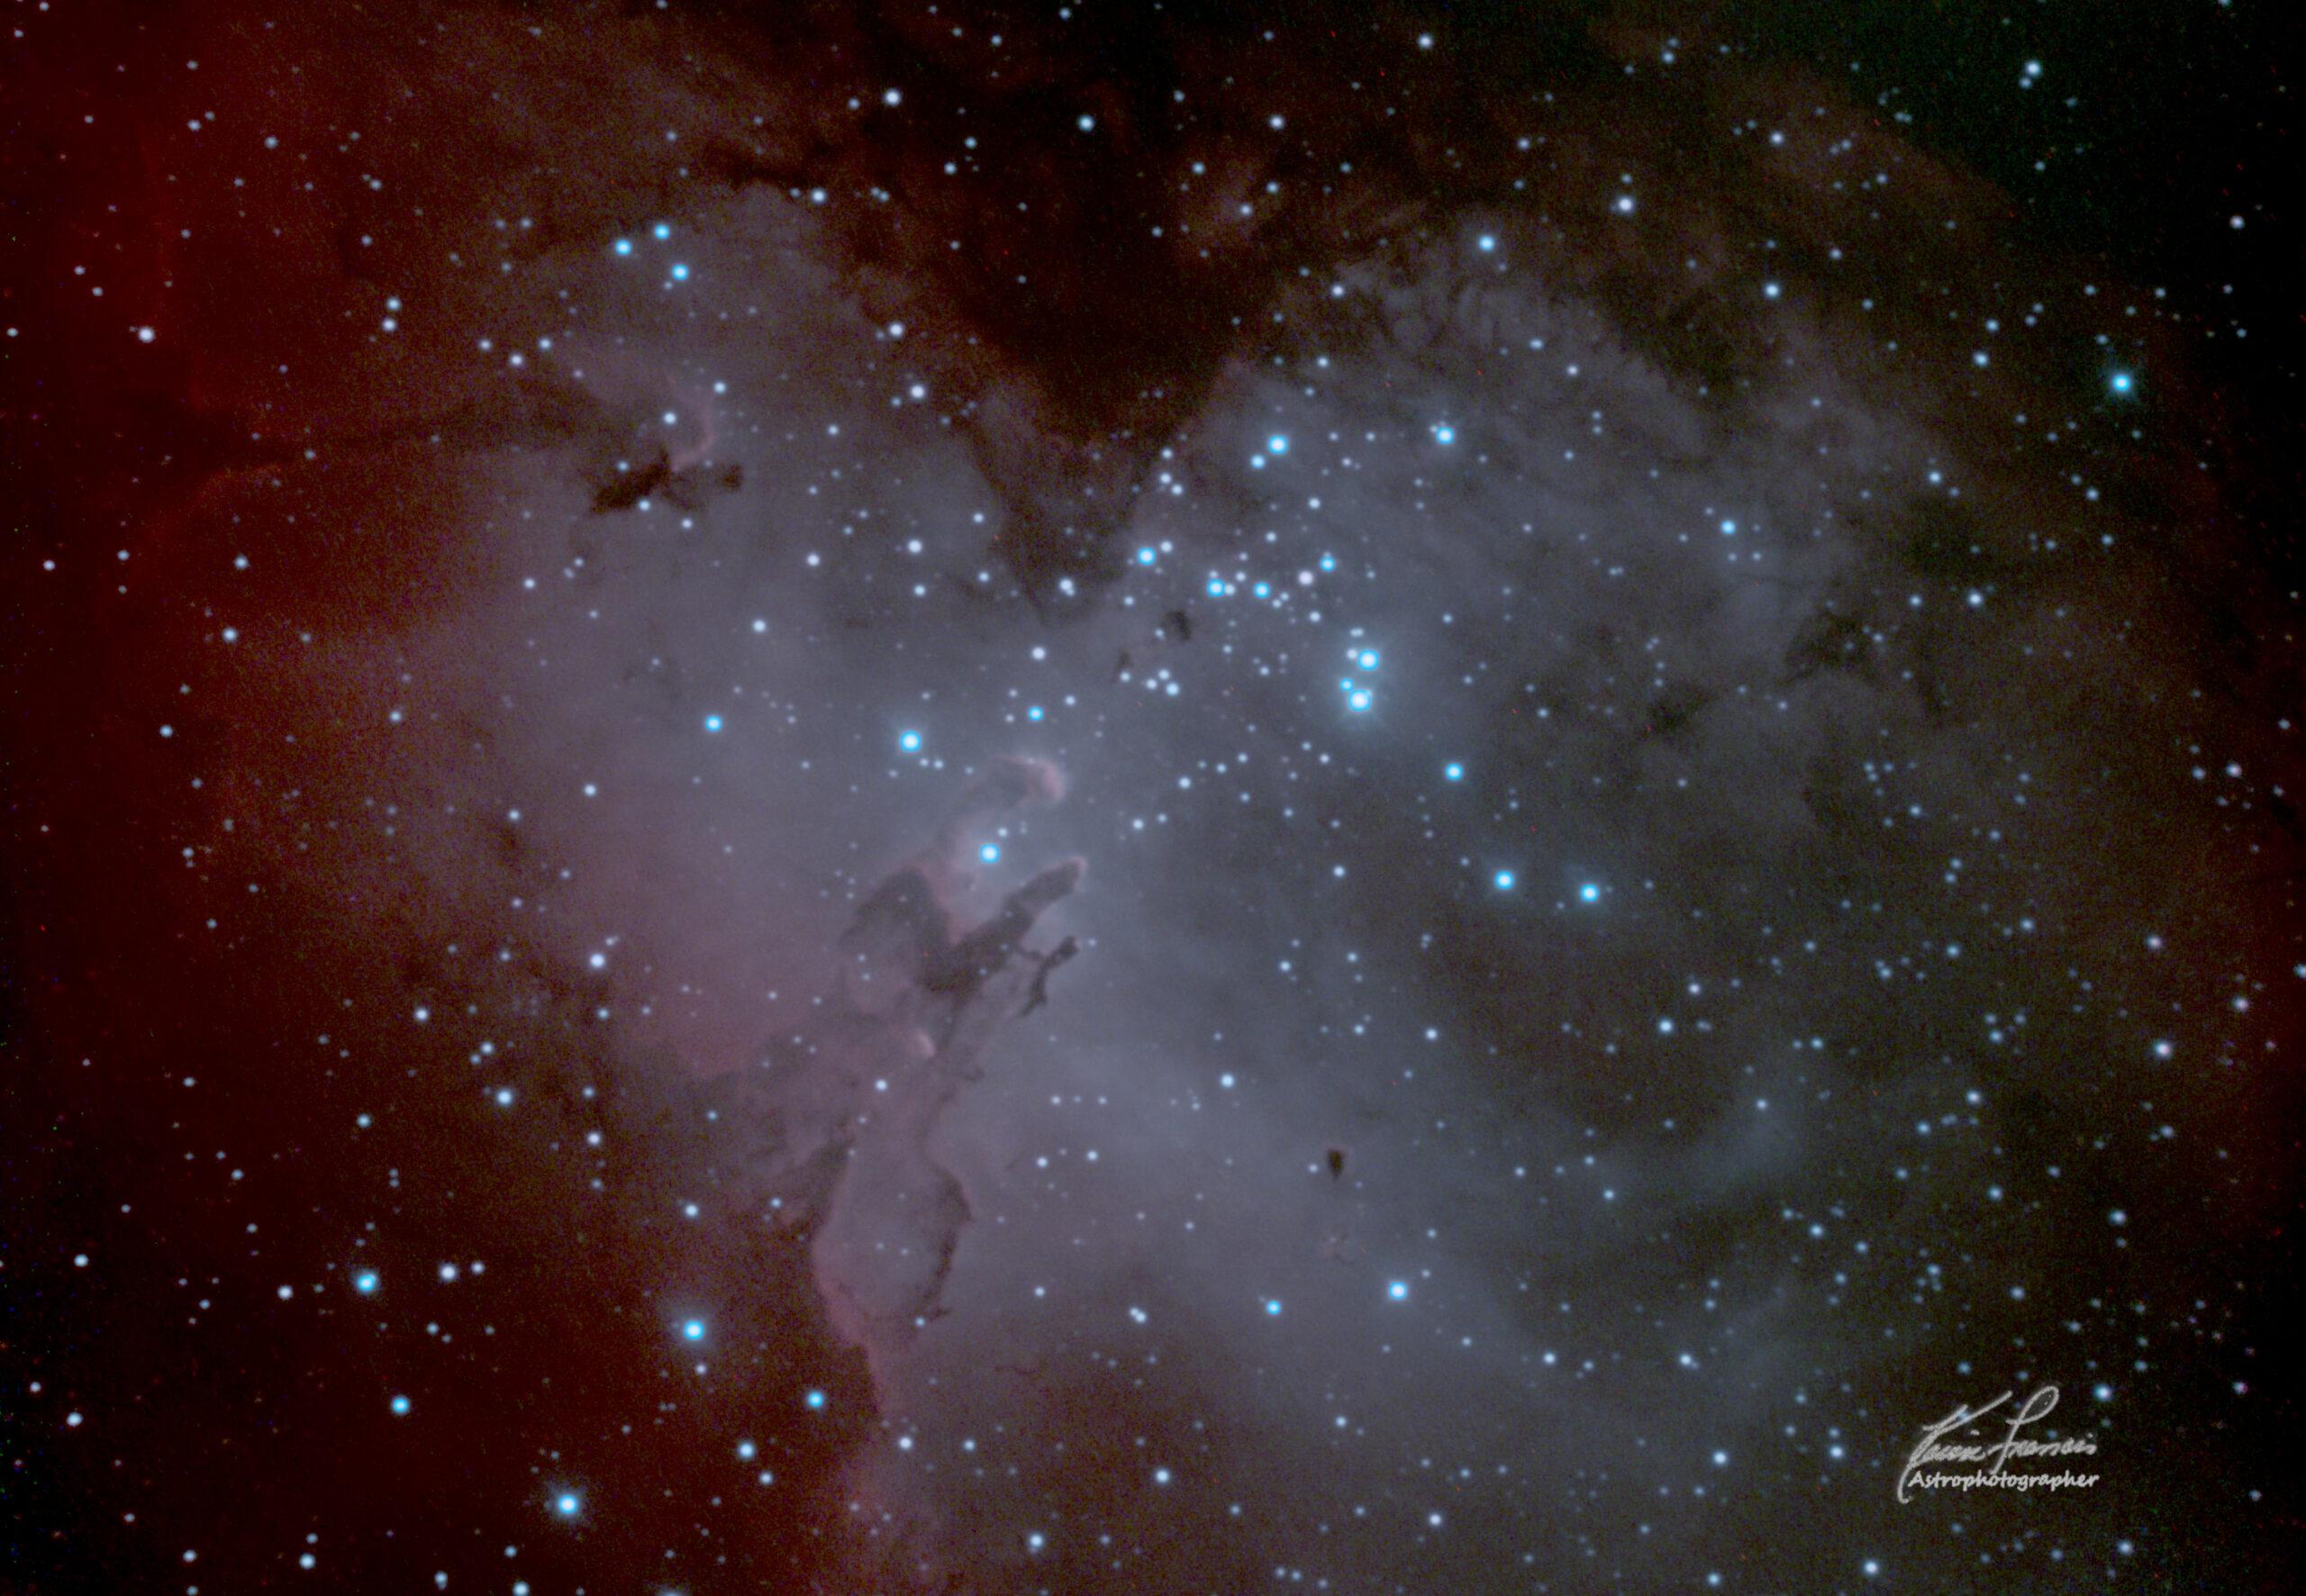 Eagle Nebula, A Stellar Nursery [M16]